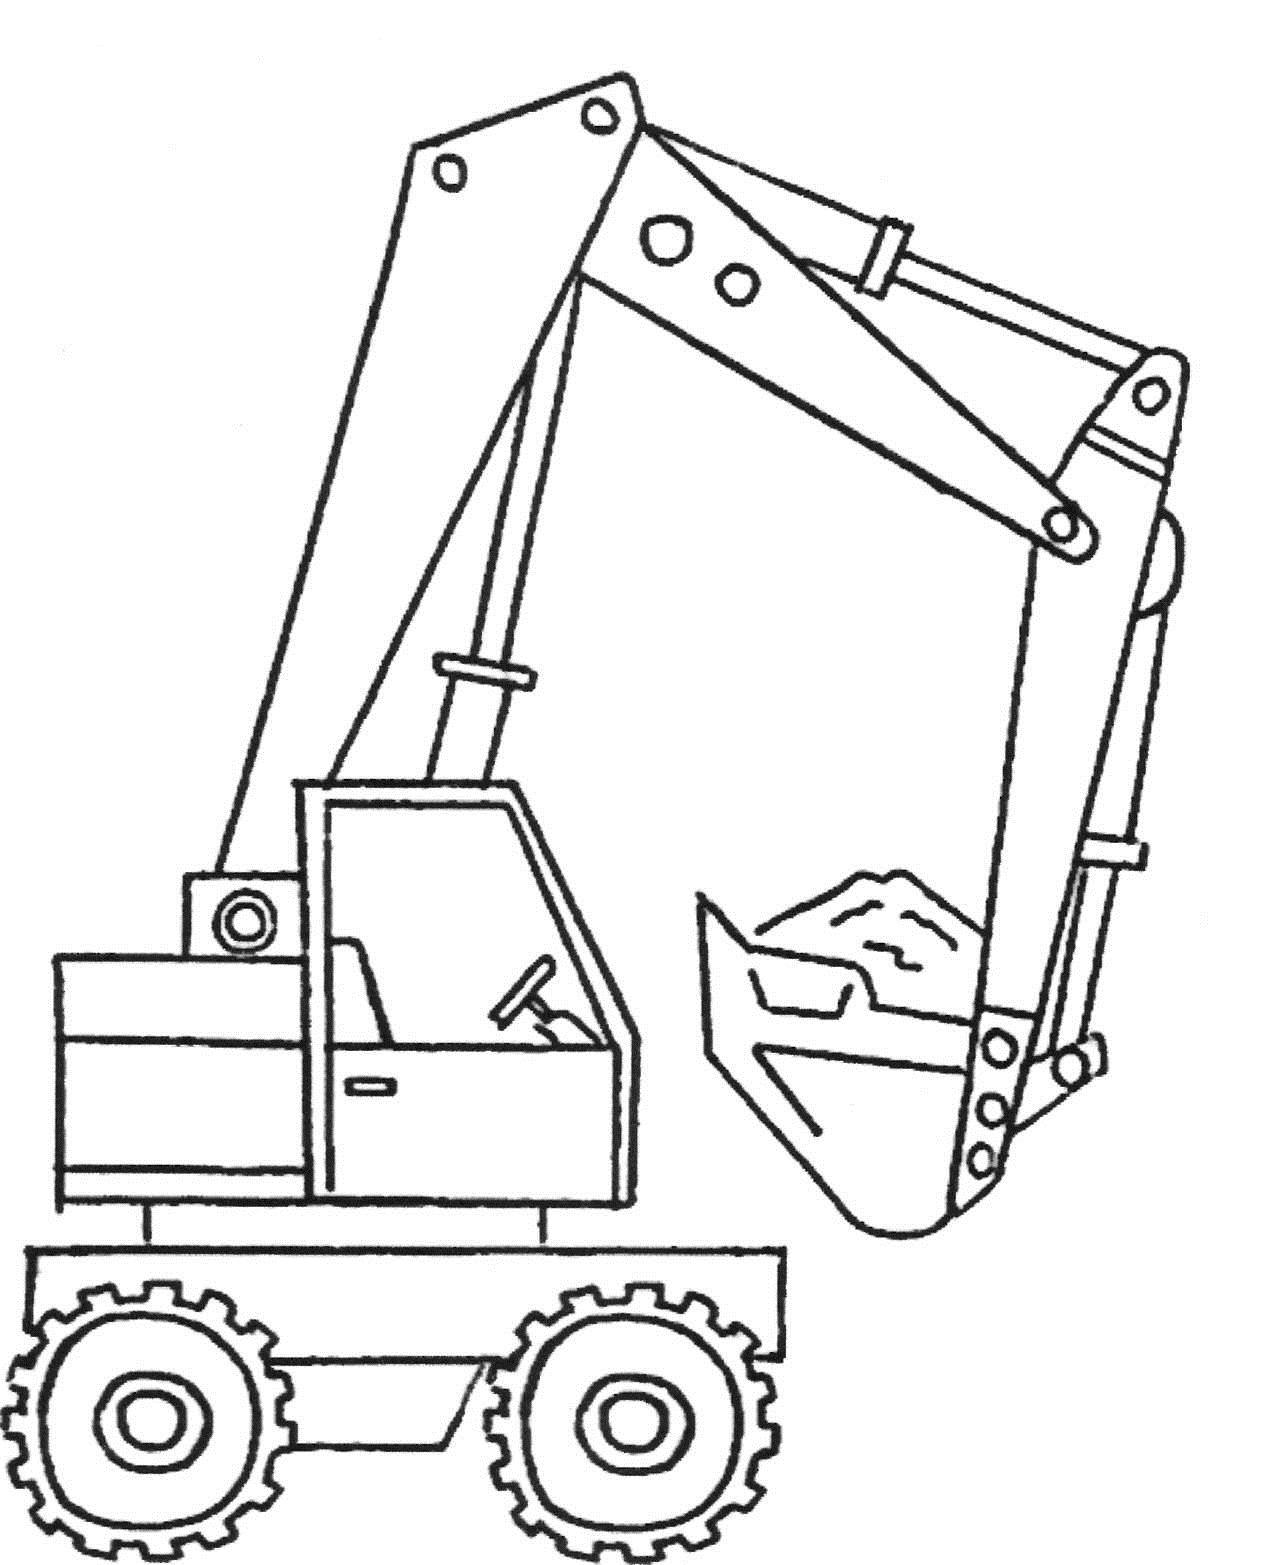 Строительный кран с ковшом - раскраска №214   Printonic.ru